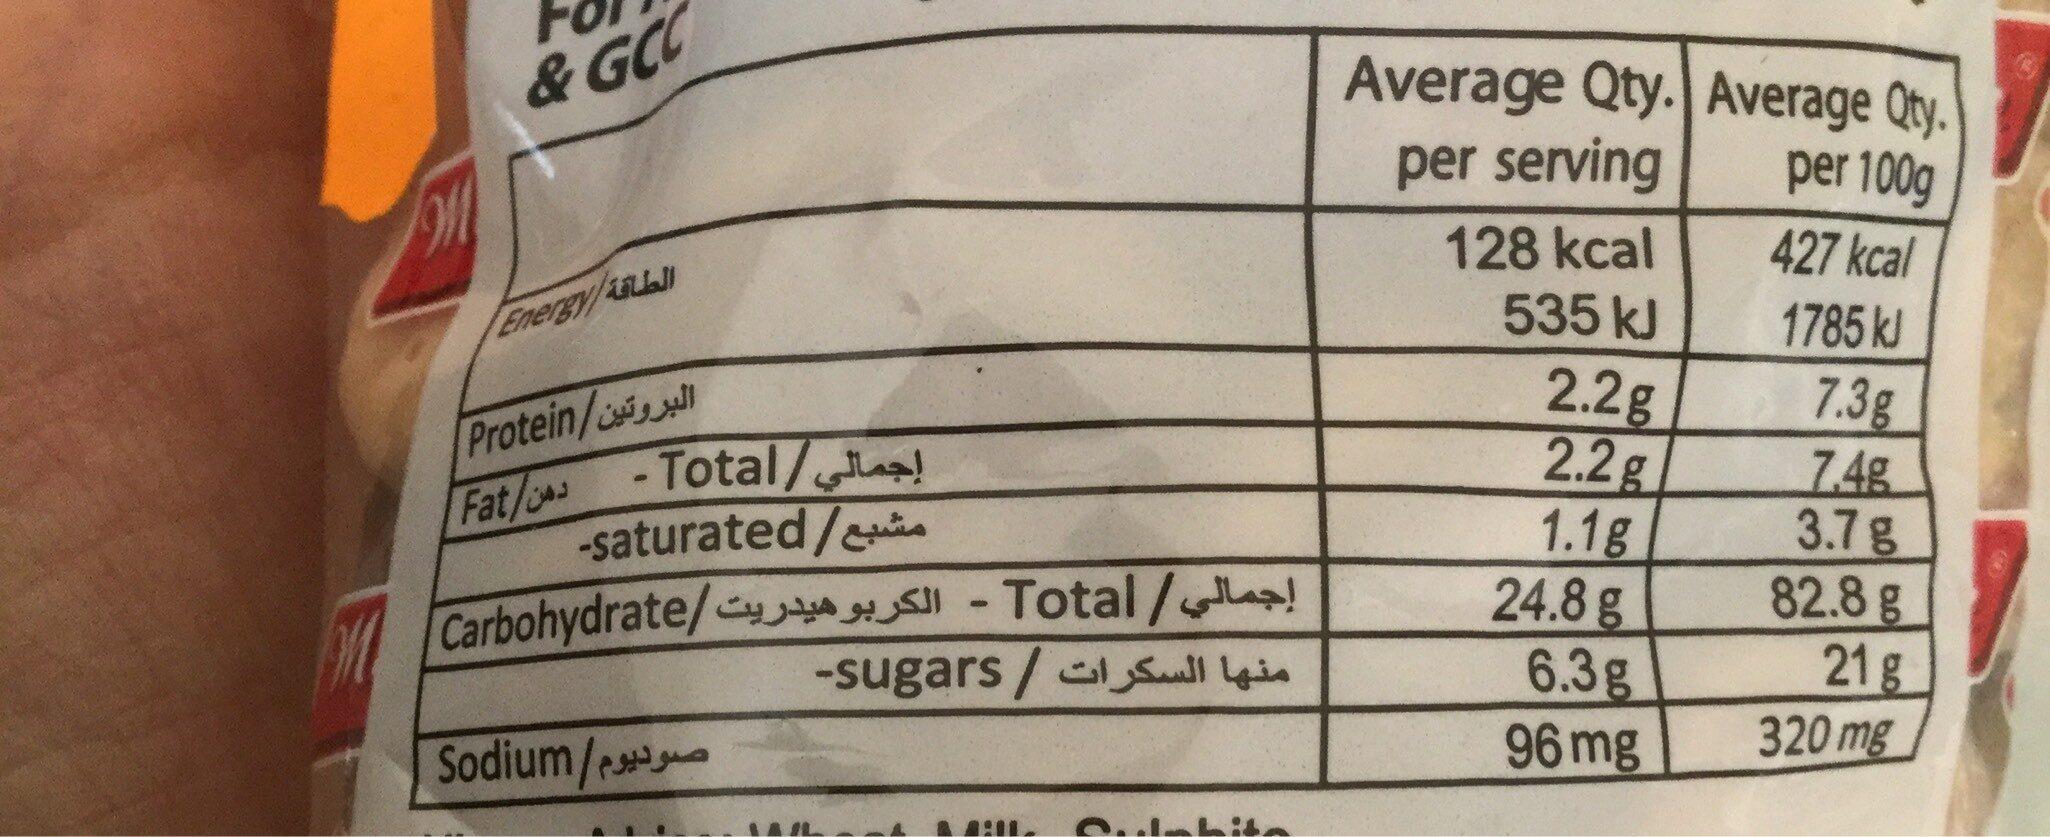 Maliban Gem Biscuits - Informations nutritionnelles - fr